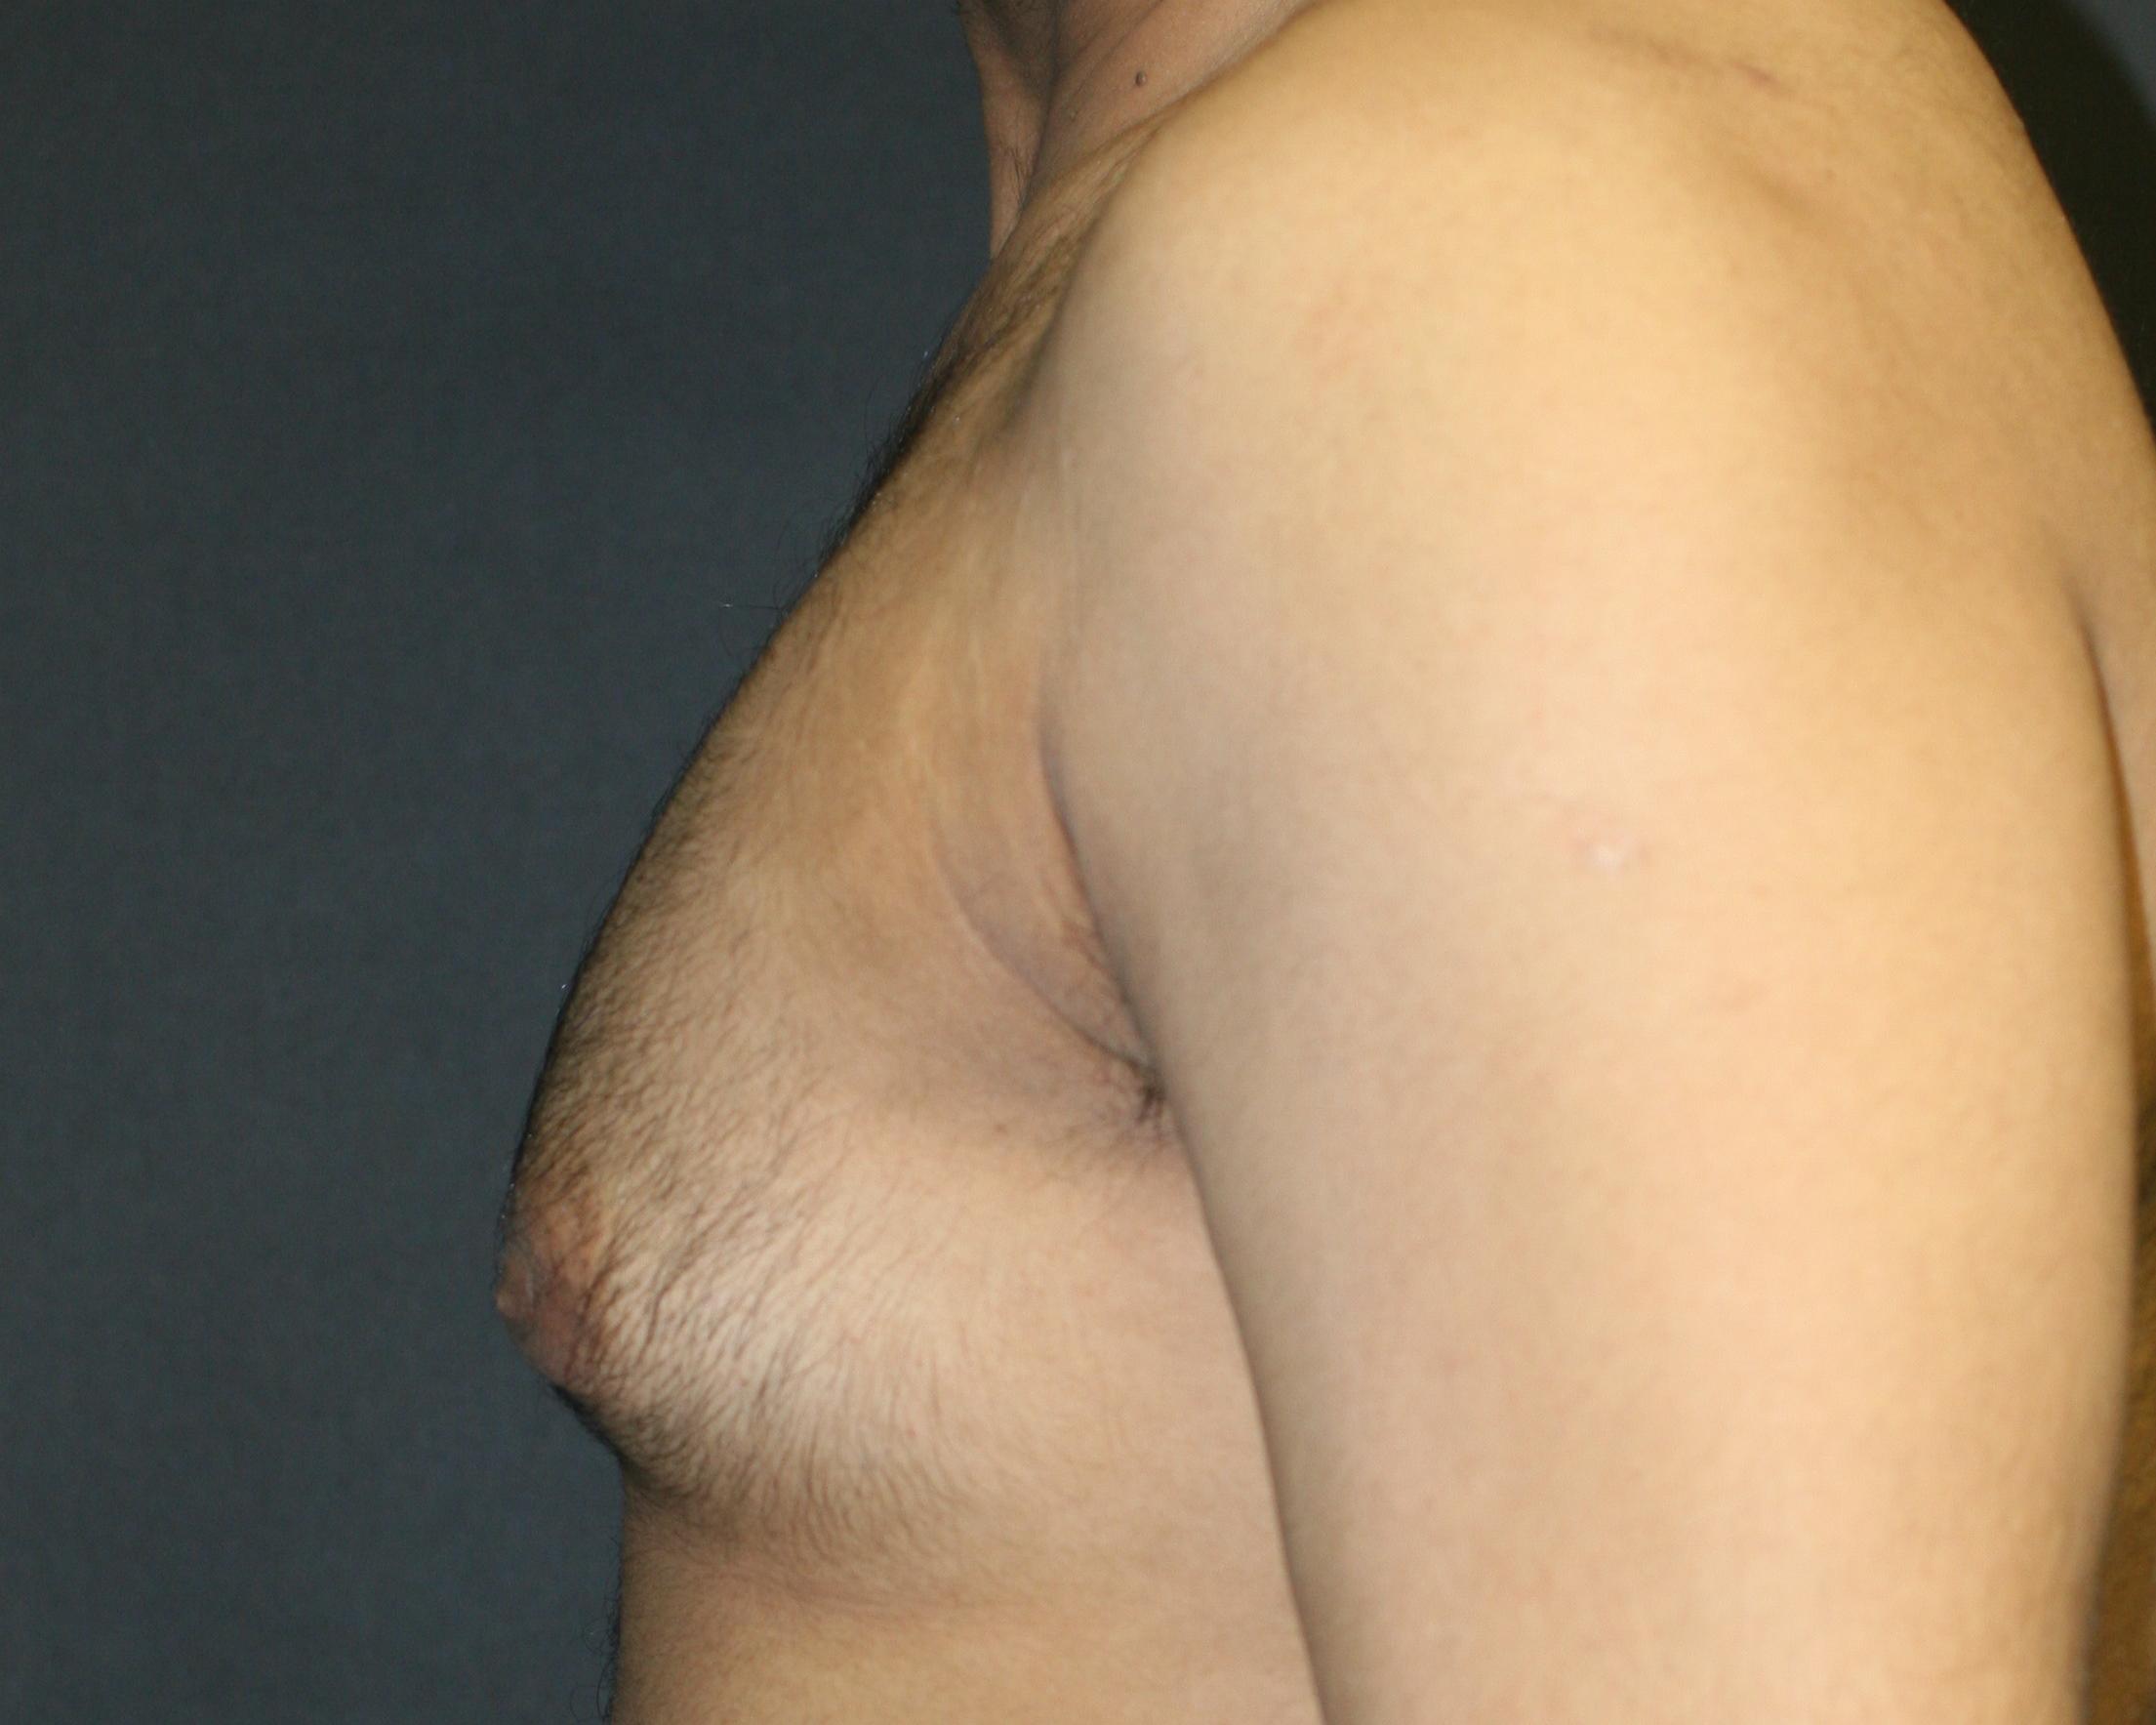 Gynecomastia utilizing excision & liposuction